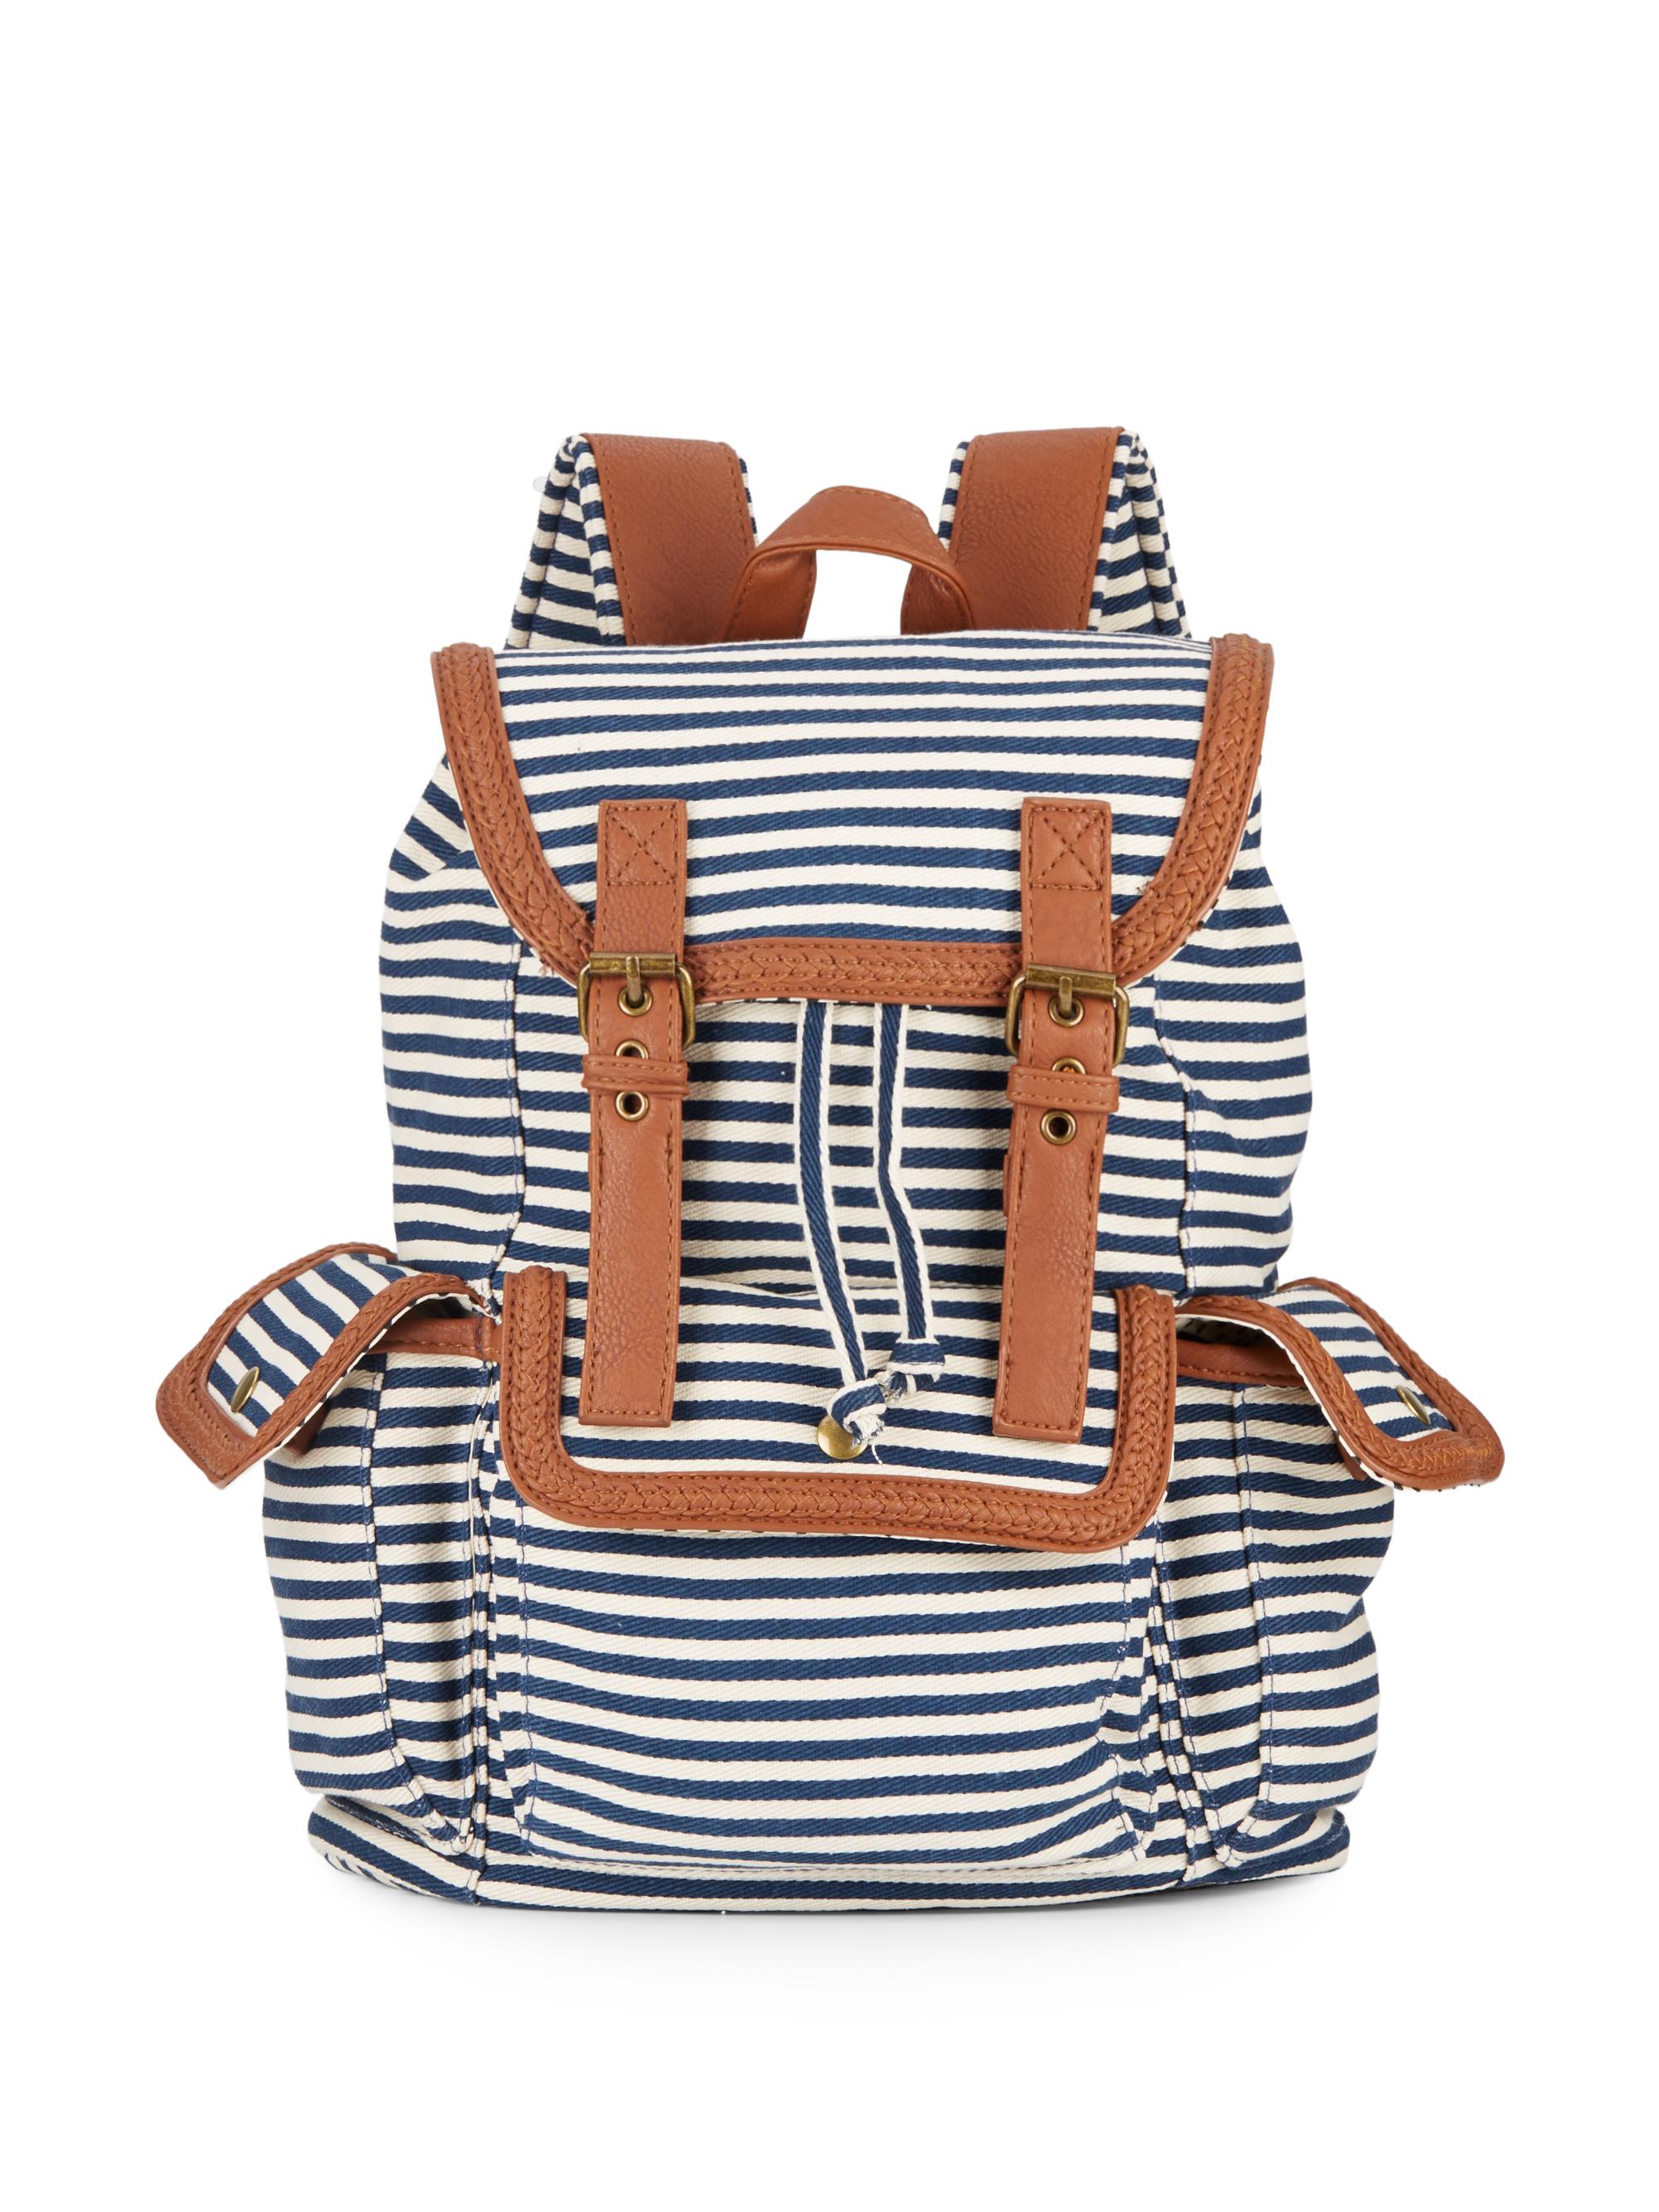 Handbags-007.JPG